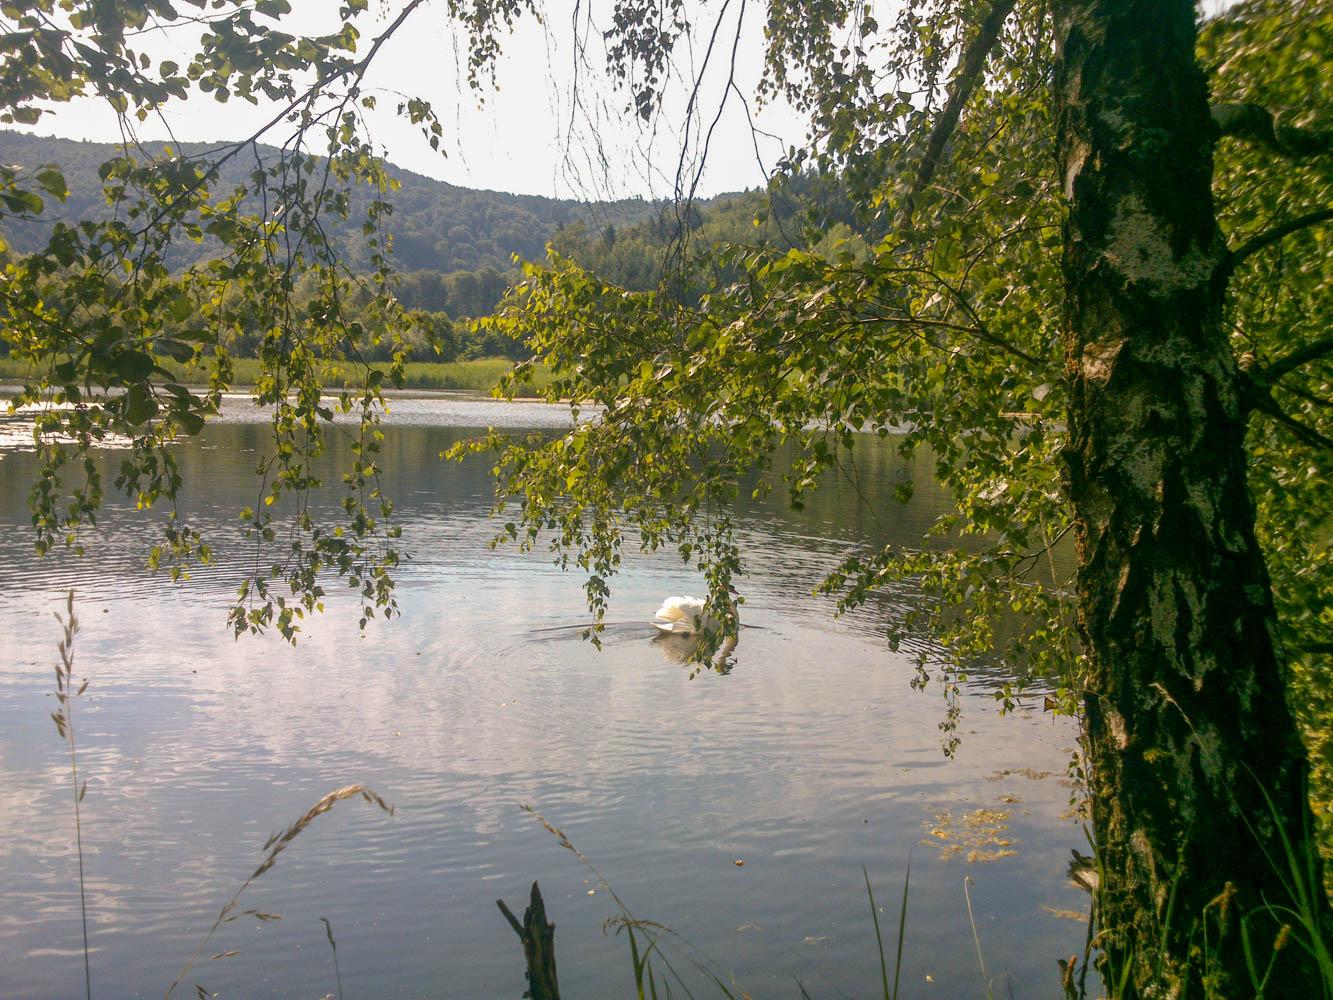 Ehemaliger Quarzwerke Teich mit Schwann